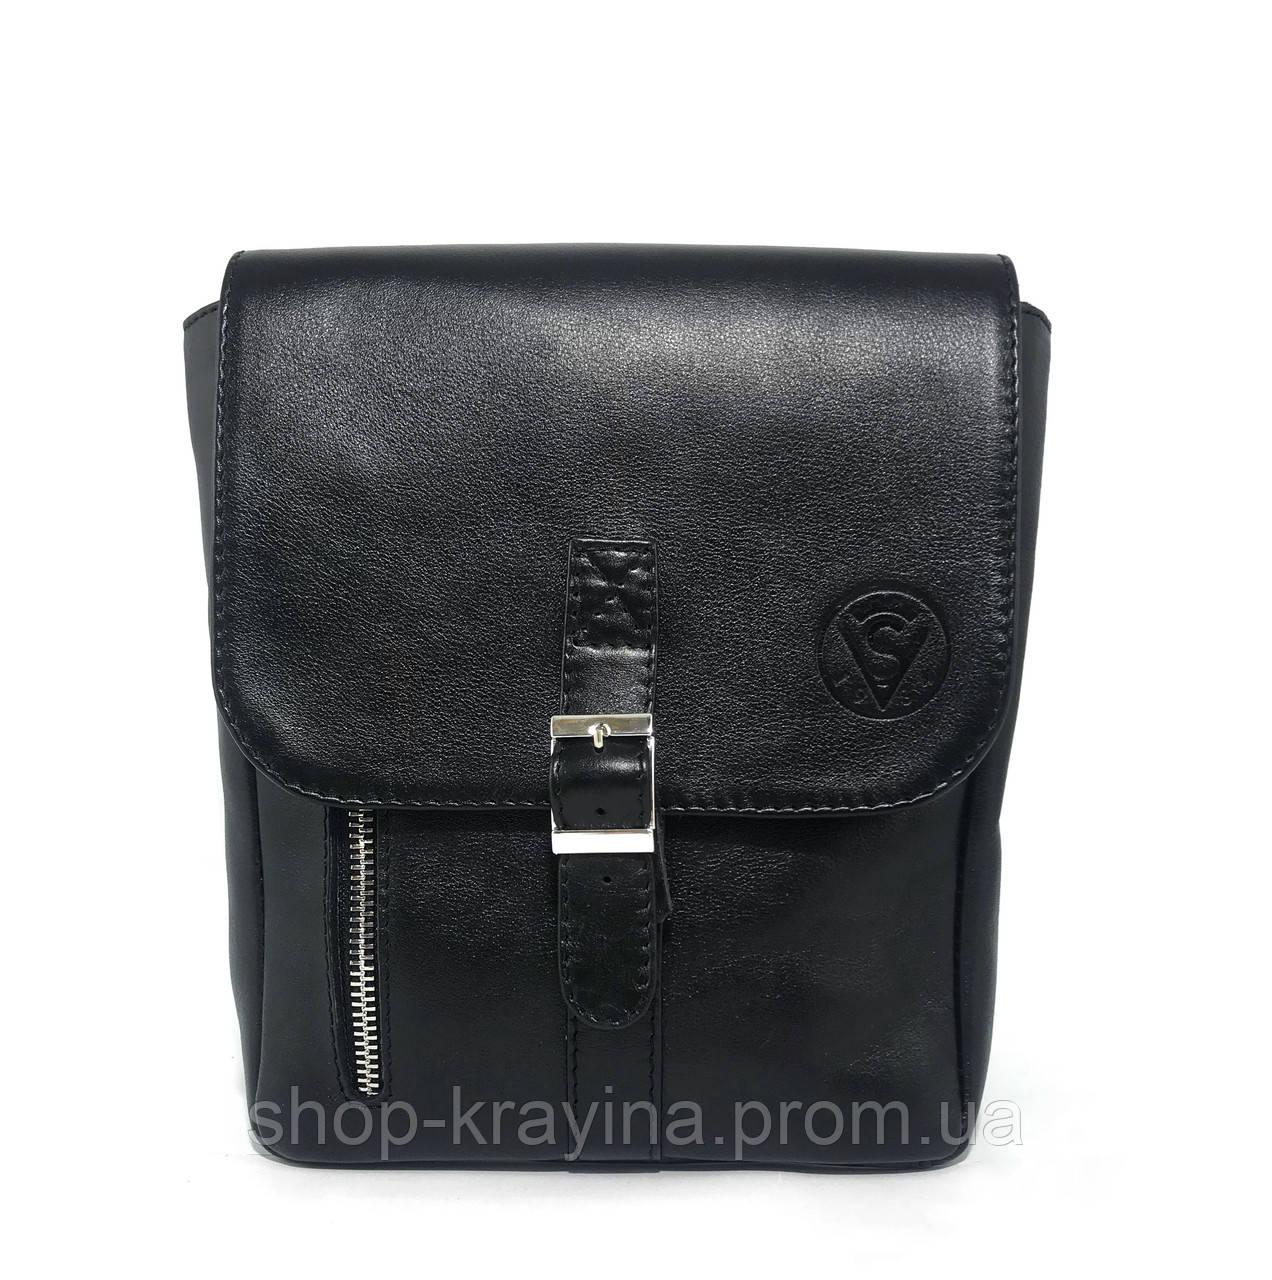 Мужская стильная сумка VS001 leather fleet 23х18х5 см